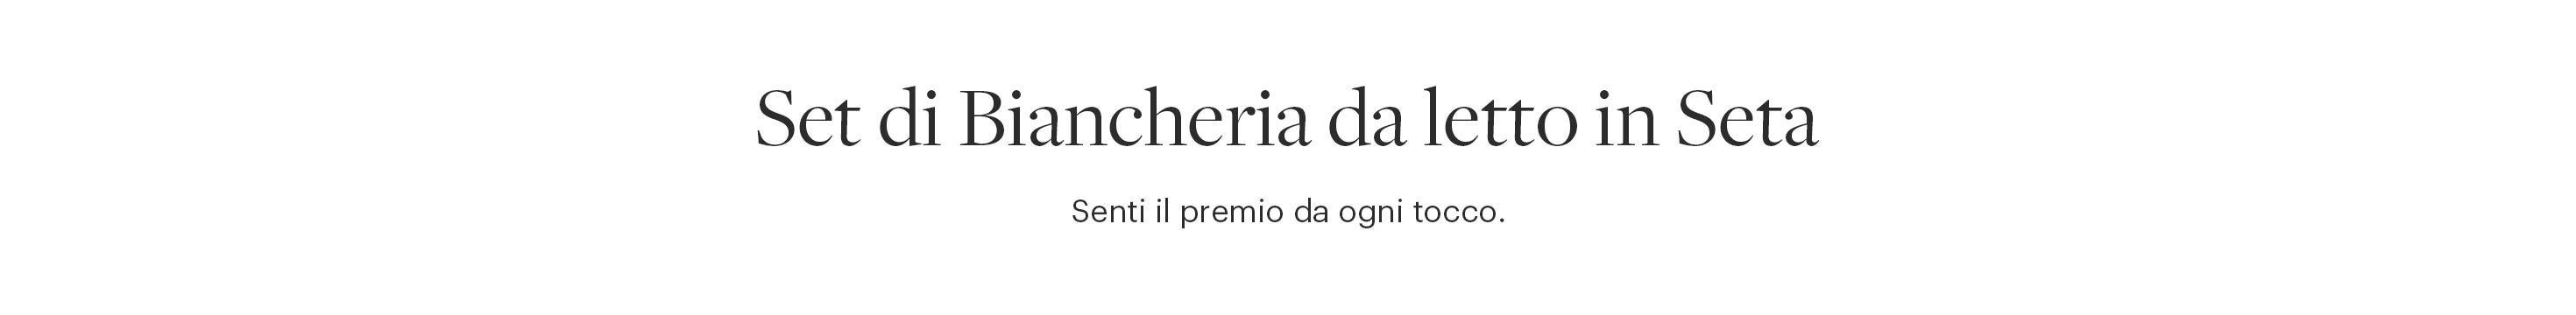 2-3 Pezzi Set Biancheria Letto Di Seta